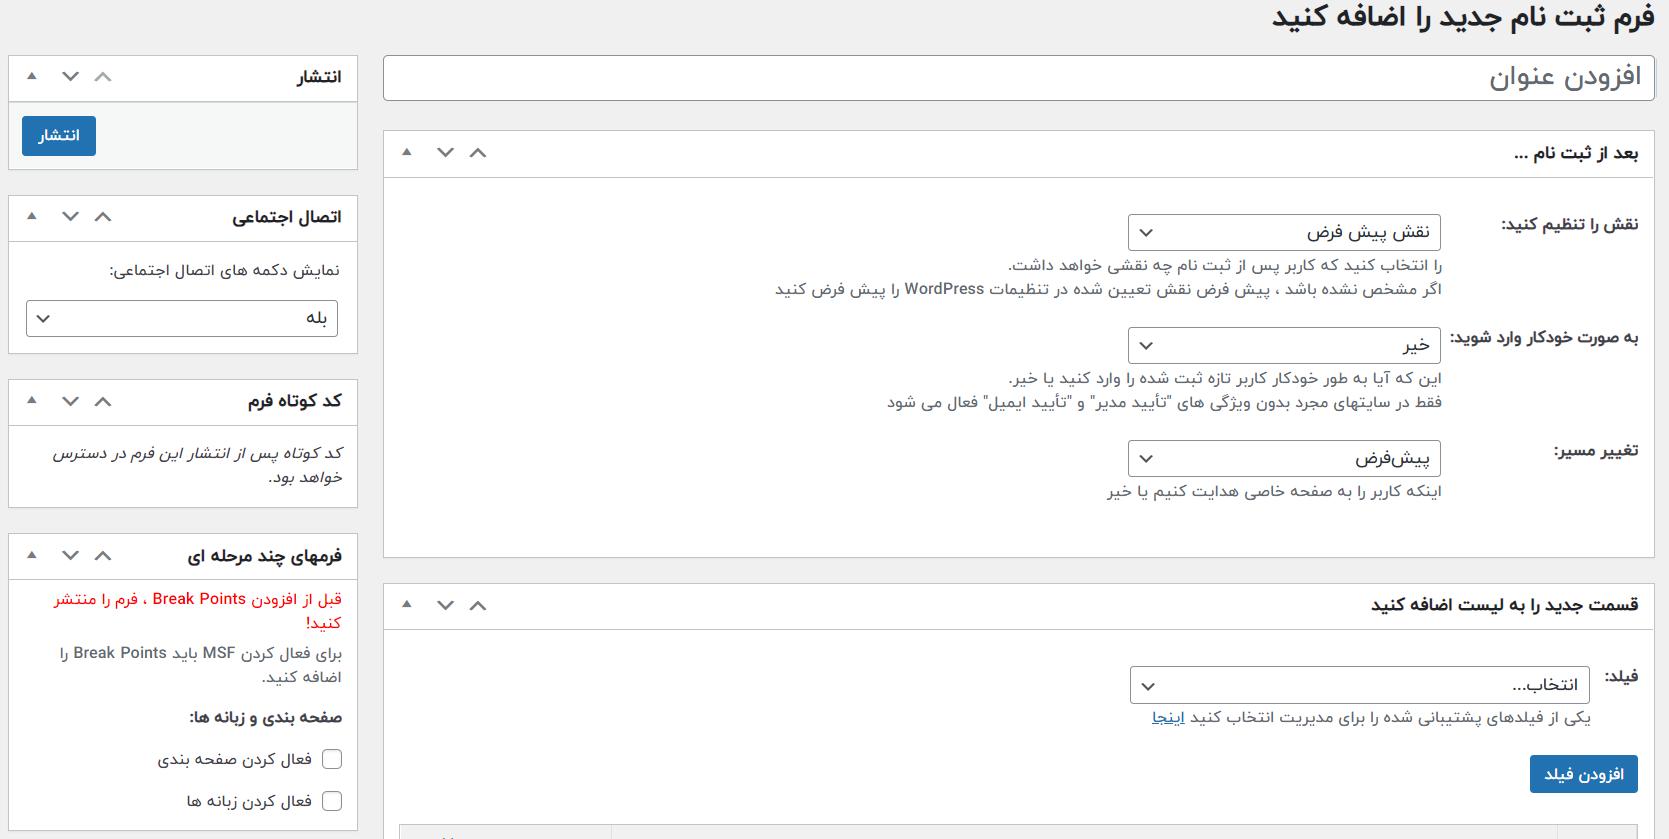 ساخت فرم ثبت نام تنظیمات افزونه profile builder